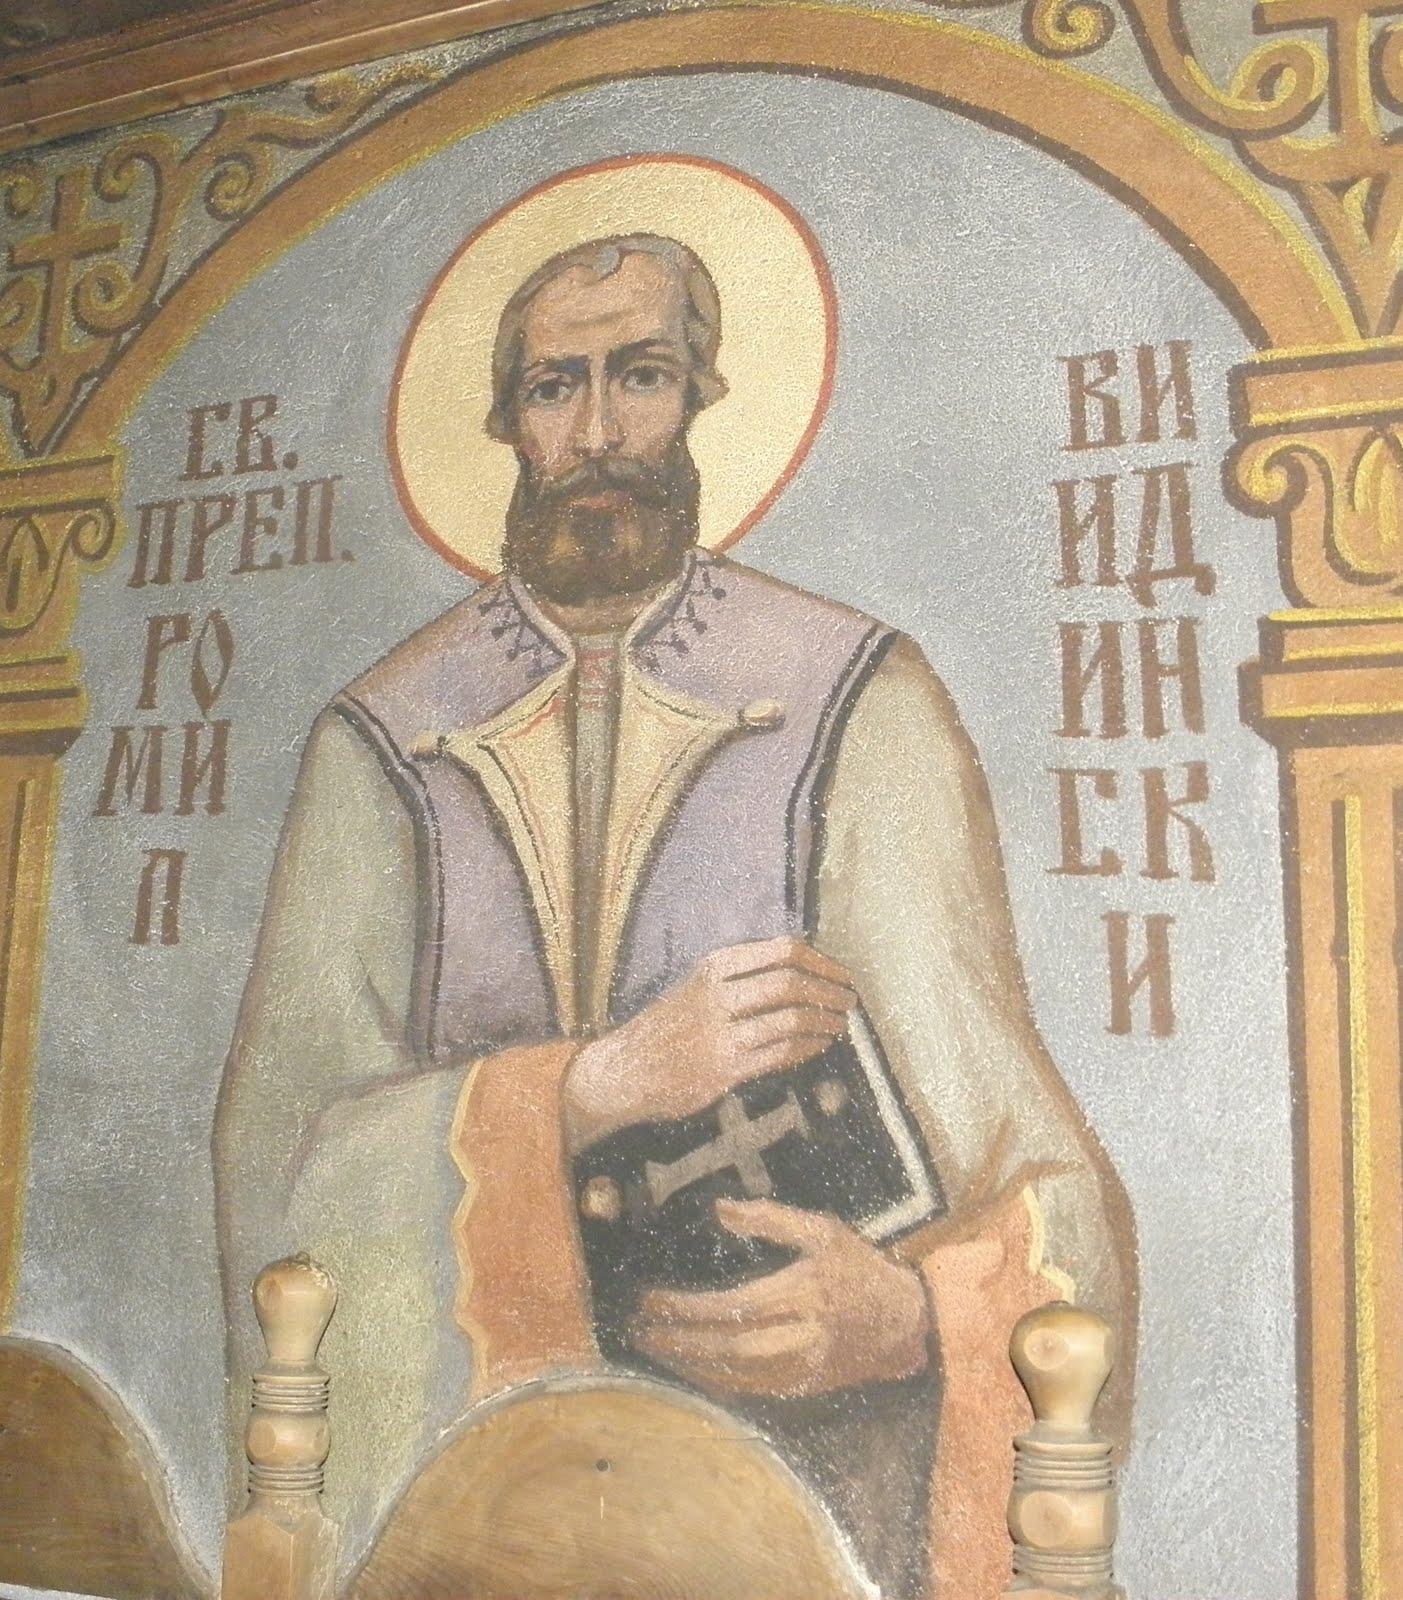 sv.romil_vidinski-5 Всемирното Православие - СВ. ПРЕПОДОБНИ РОМИЛ БДИНСКИ (ВИДИНСКИ)